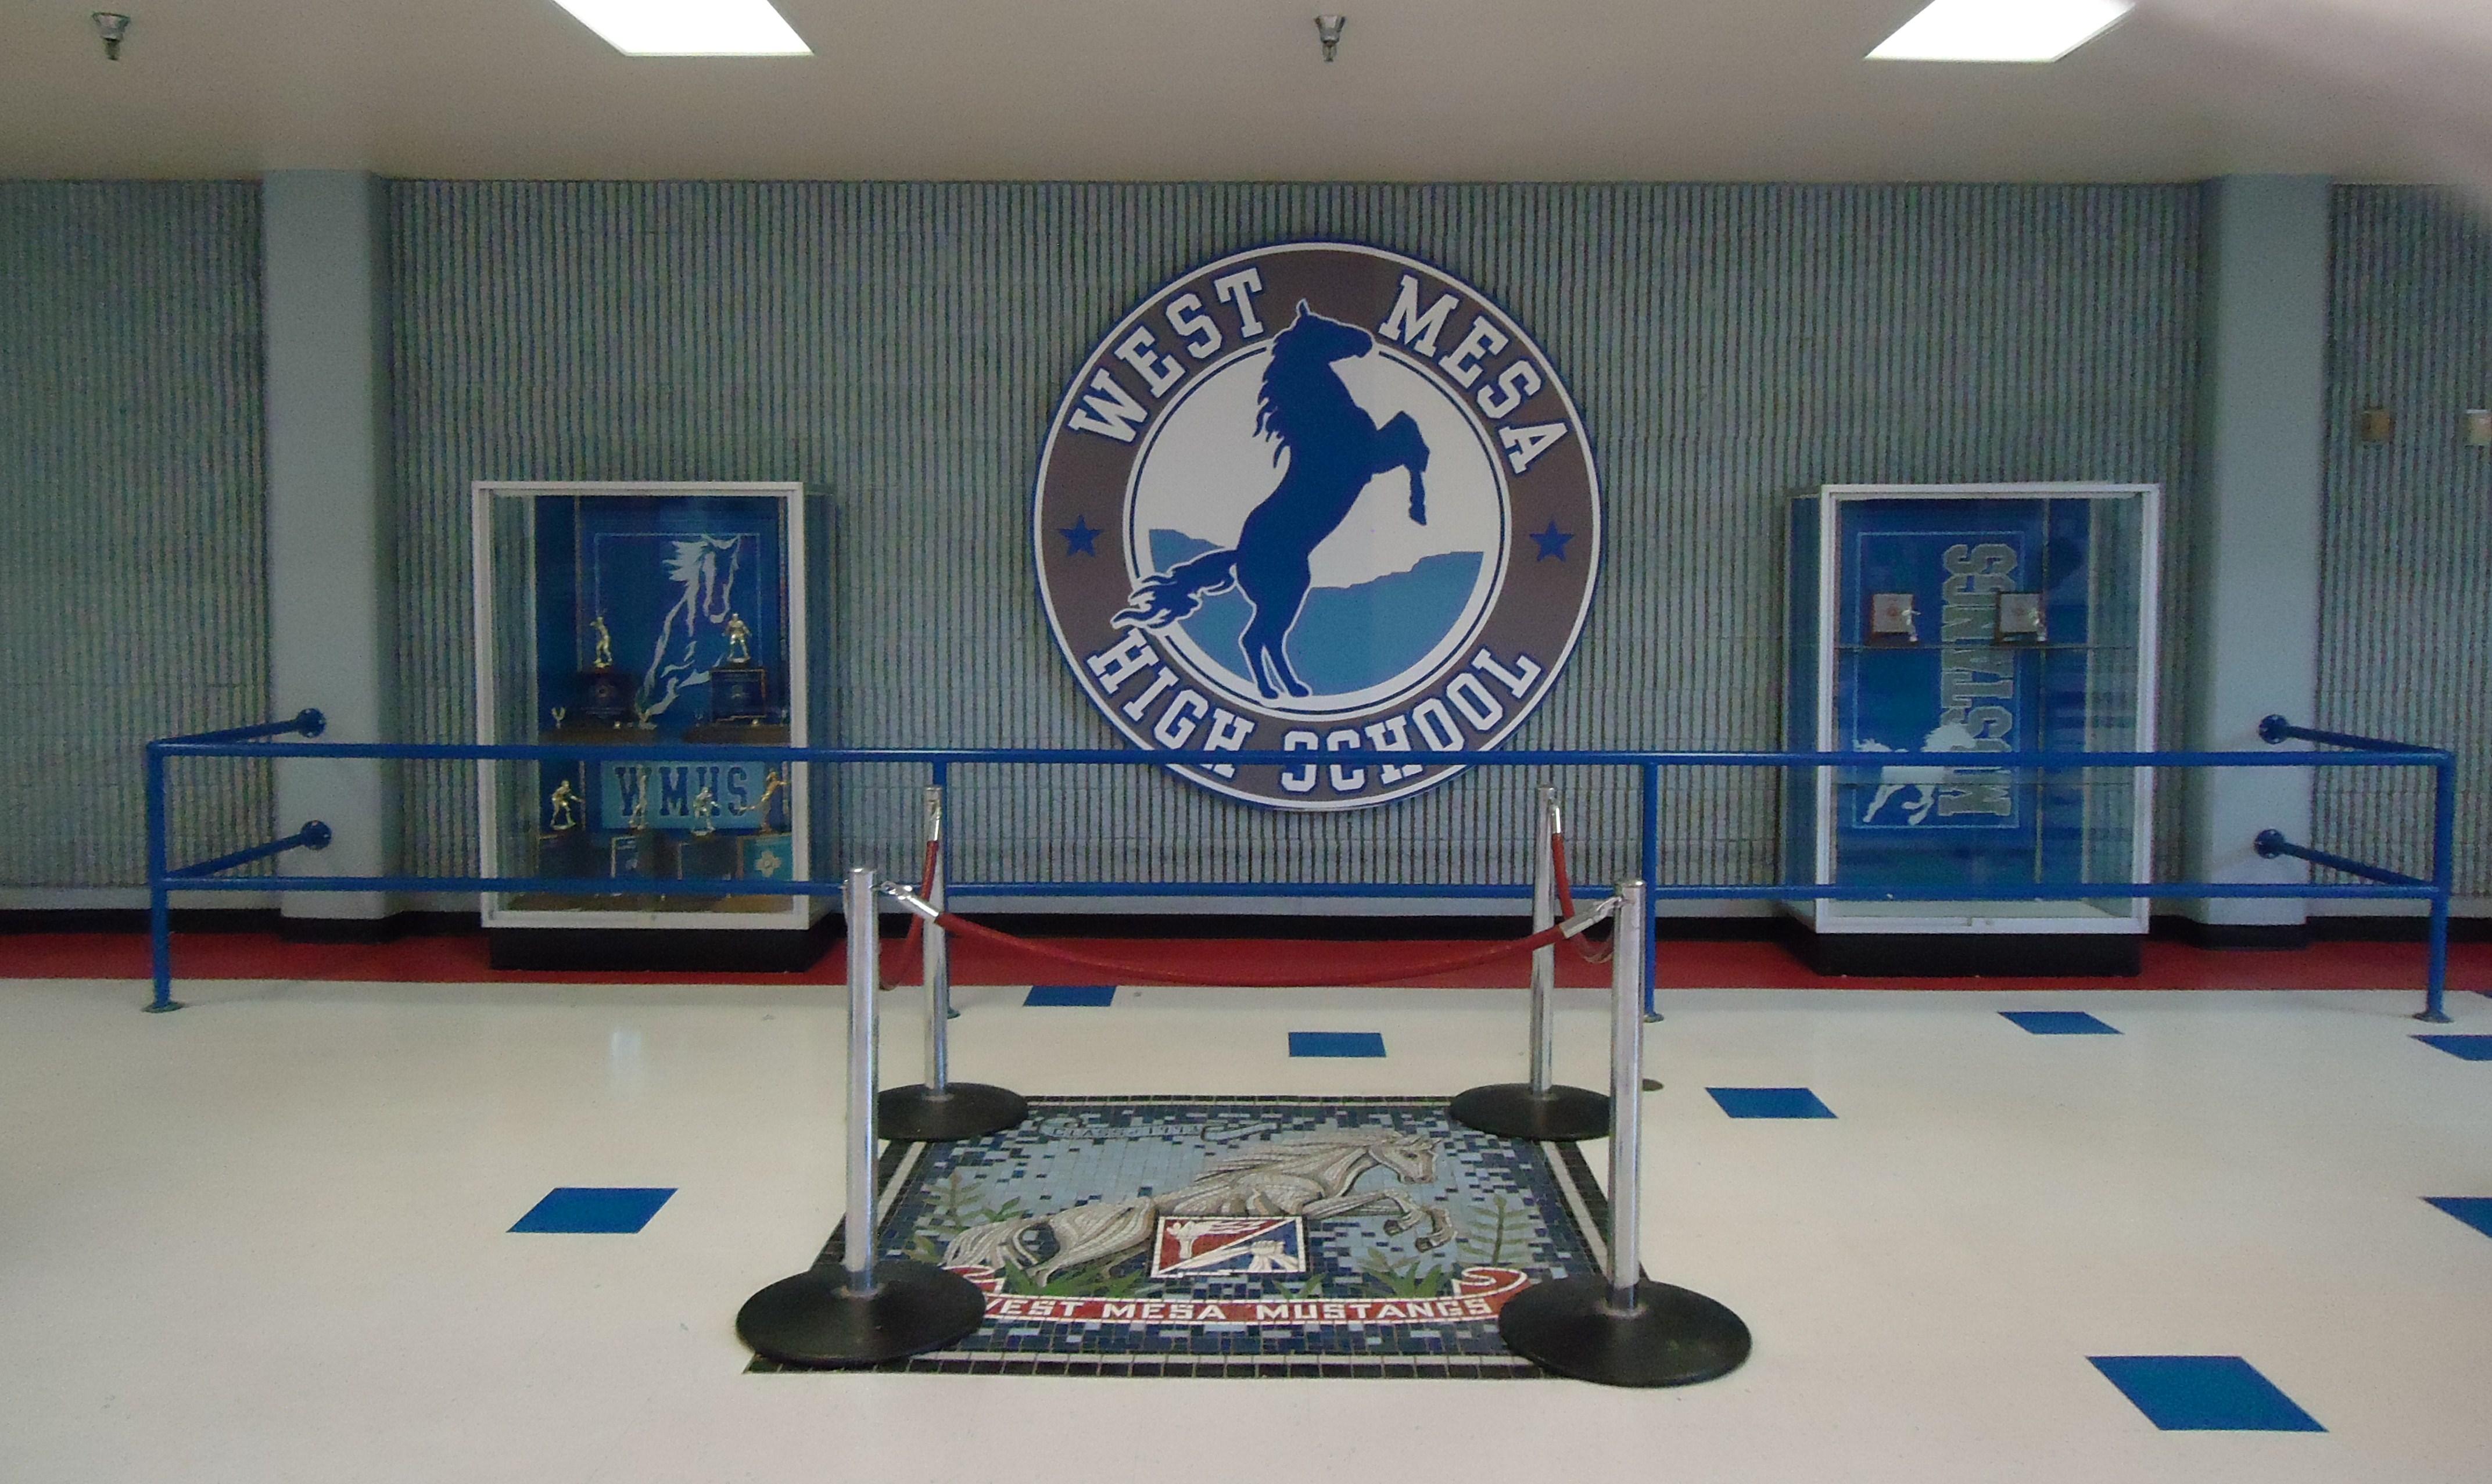 FileWest Mesa High School Gym Entrywayjpg  Wikipedia